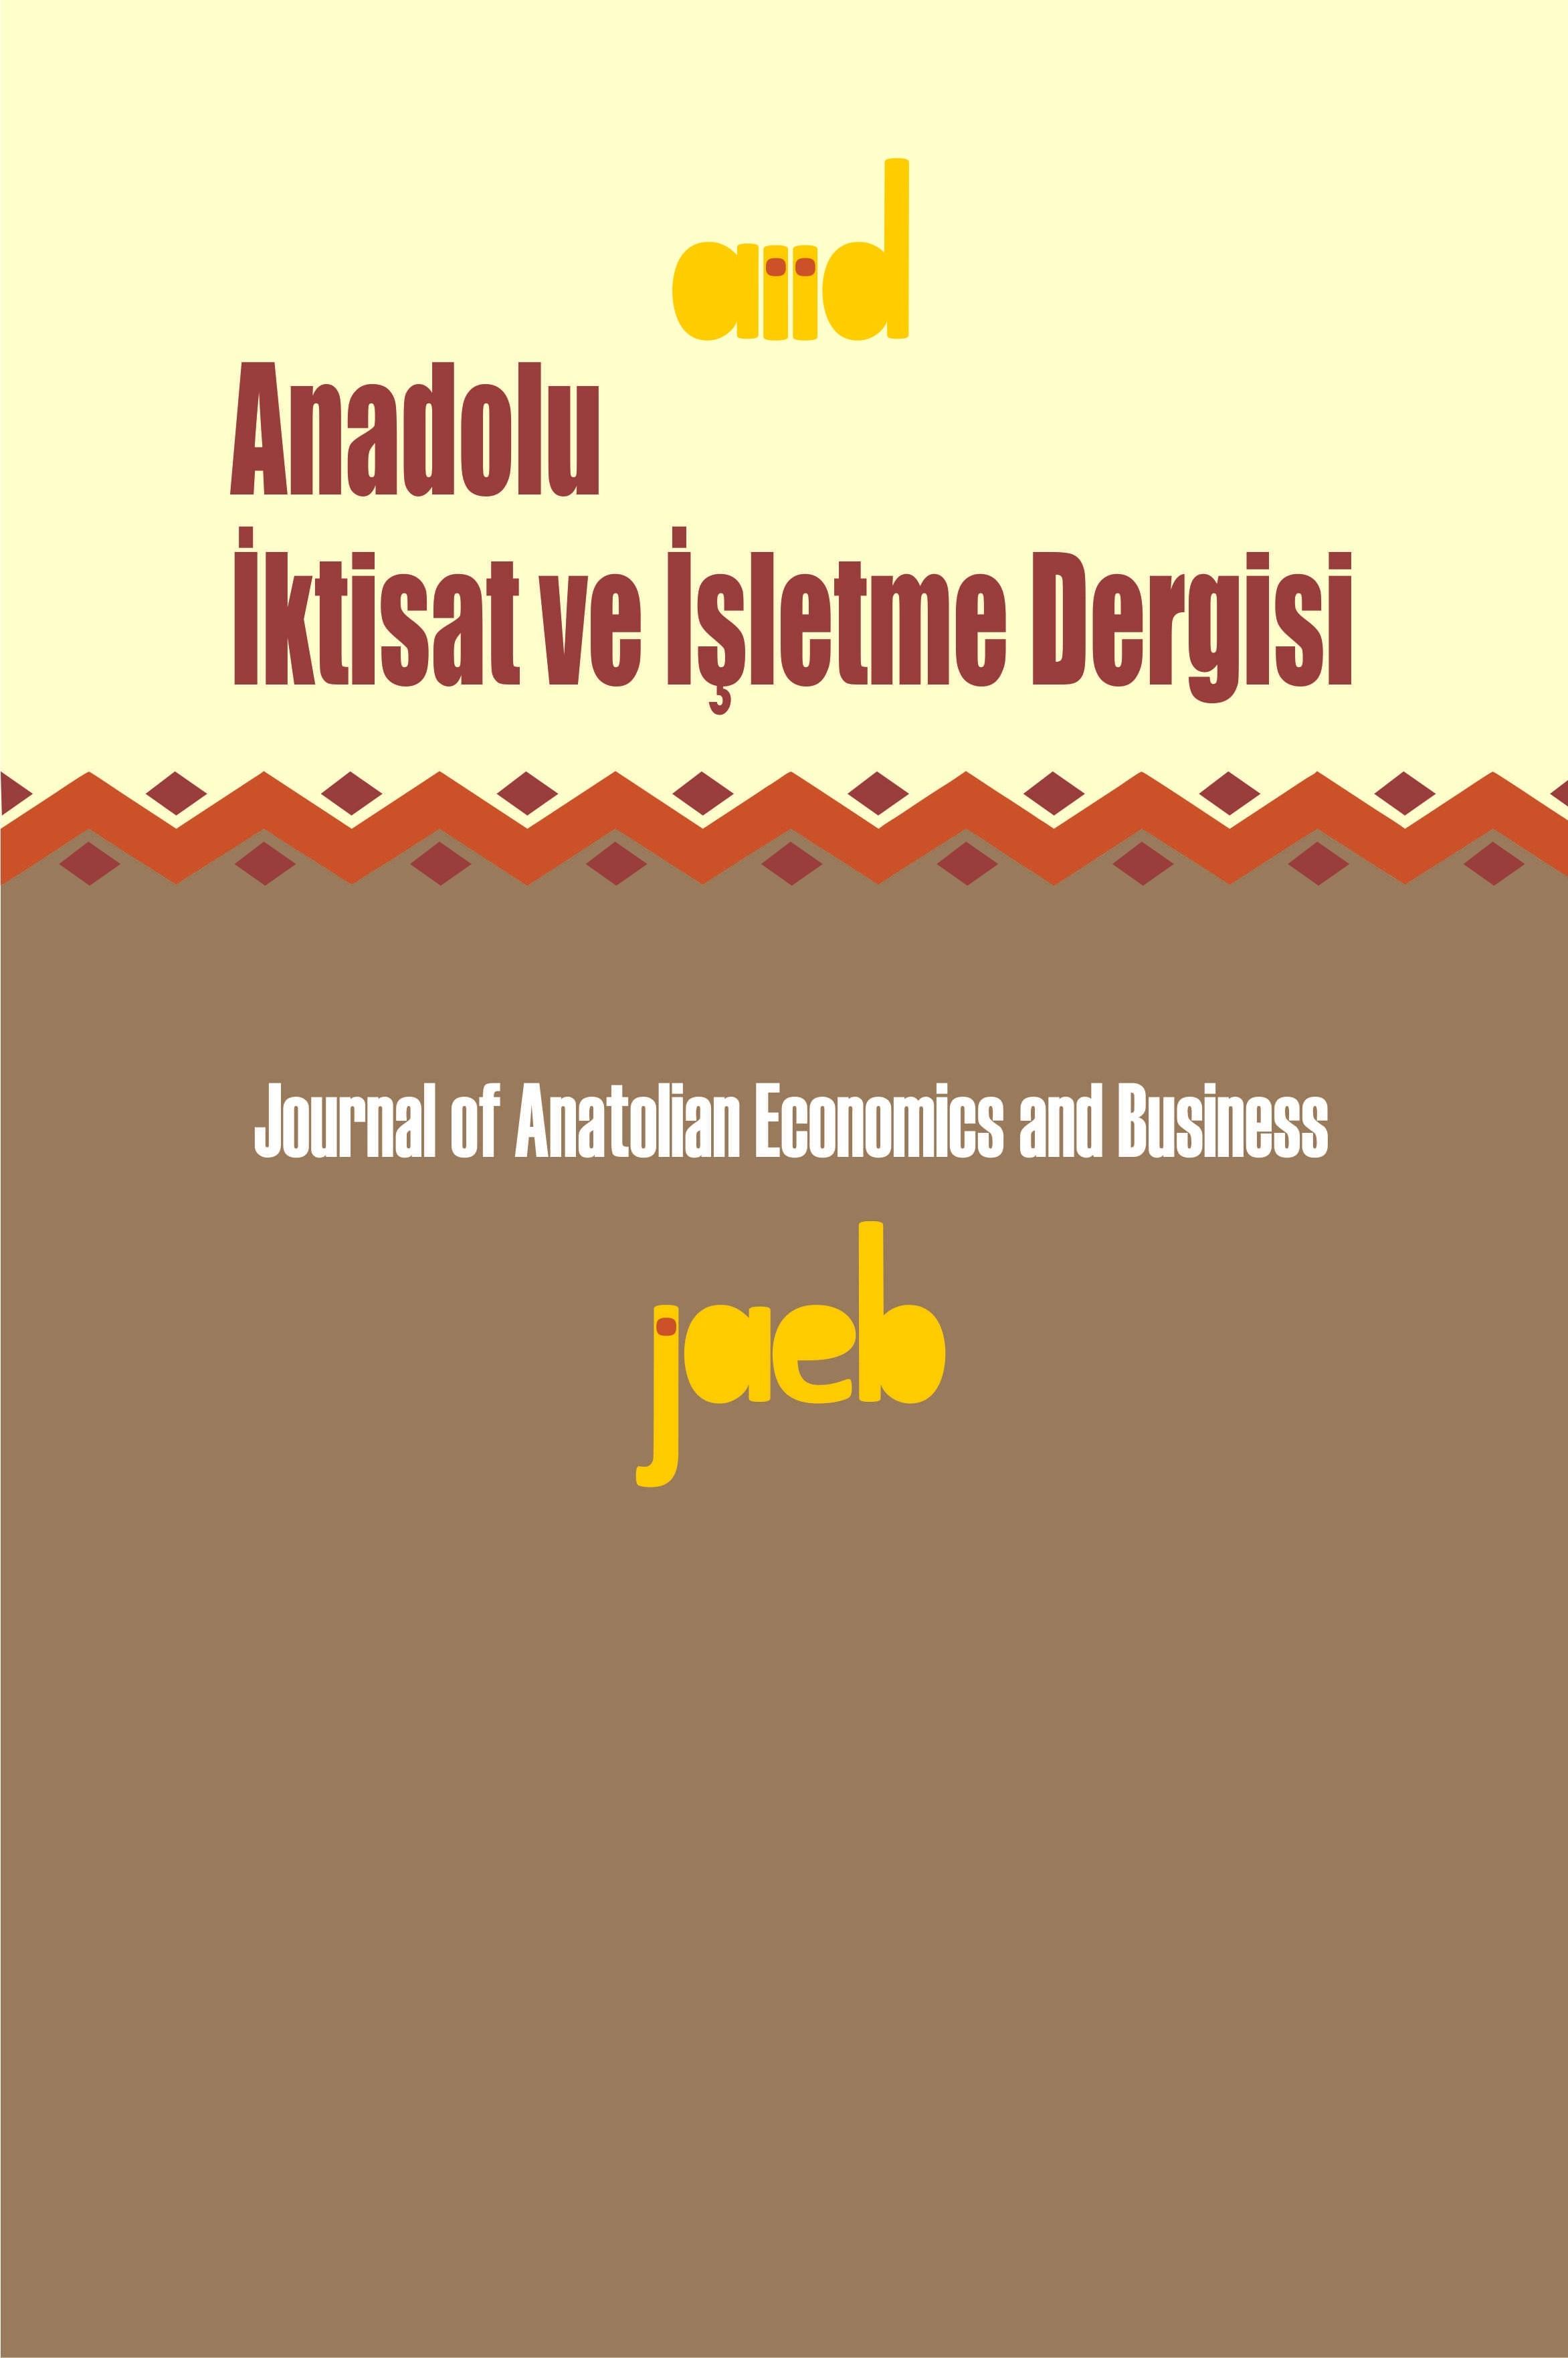 Anadolu İktisat ve İşletme Dergisi